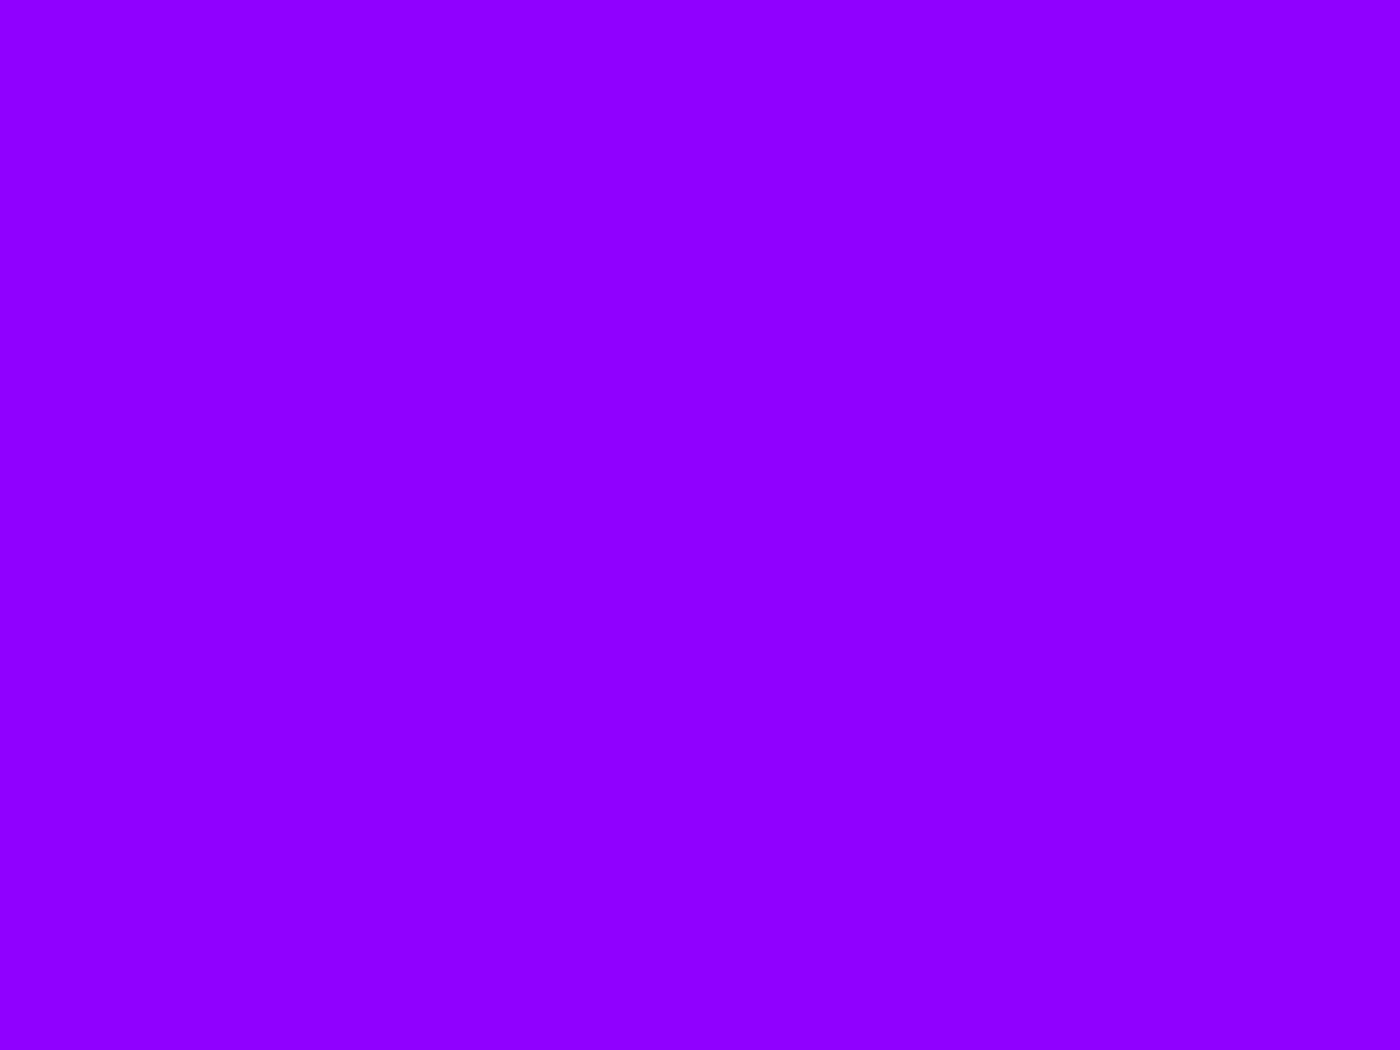 1400x1050 Violet Solid Color Background